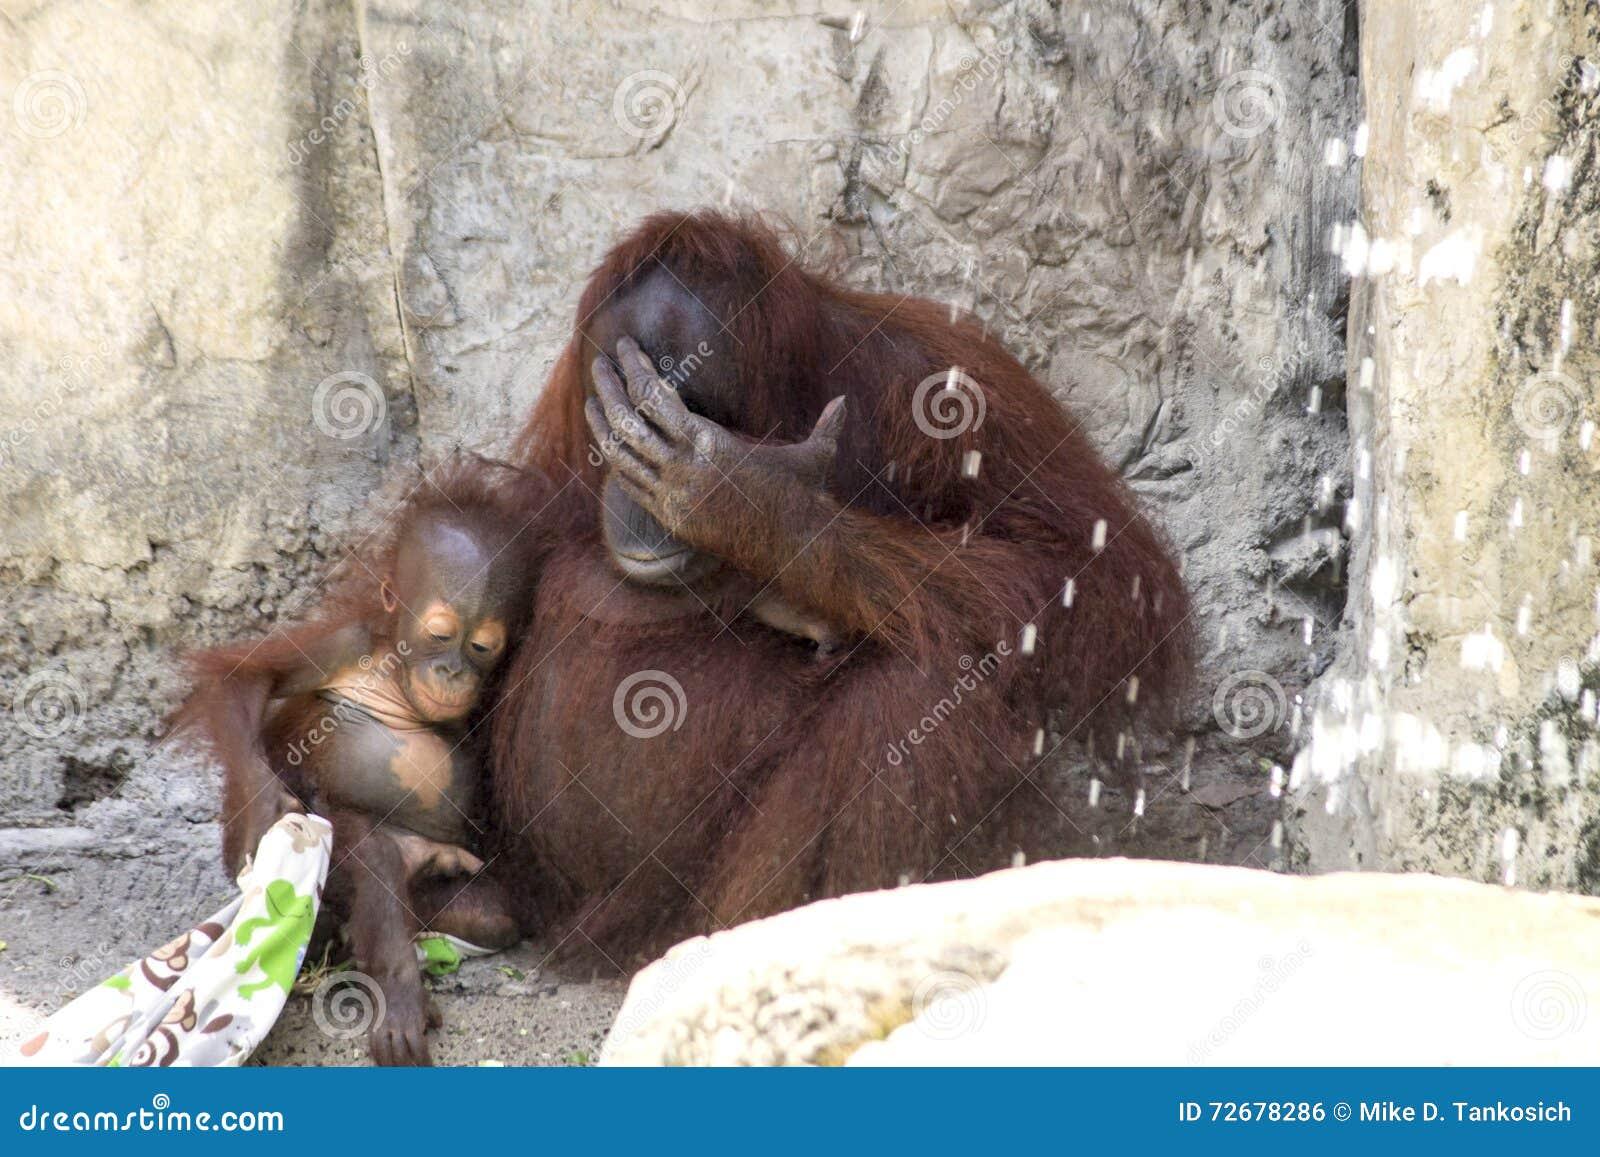 orangutan baby & mom resting stock photo - image of hairy, children